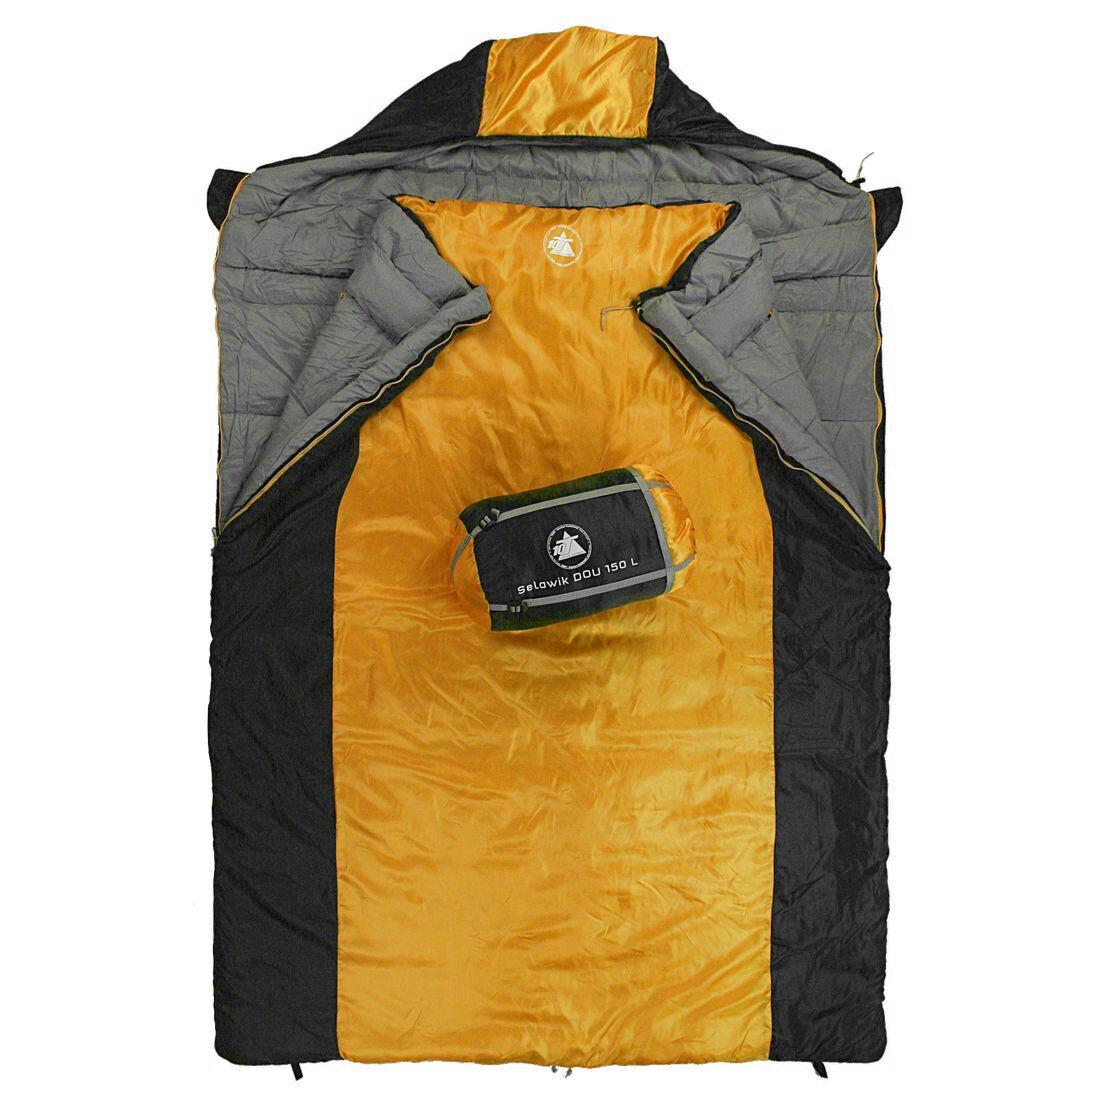 10T Selawik Duo 150L - Sacco a pelo a coperta matrimoniale 215x150 cm con cuscin